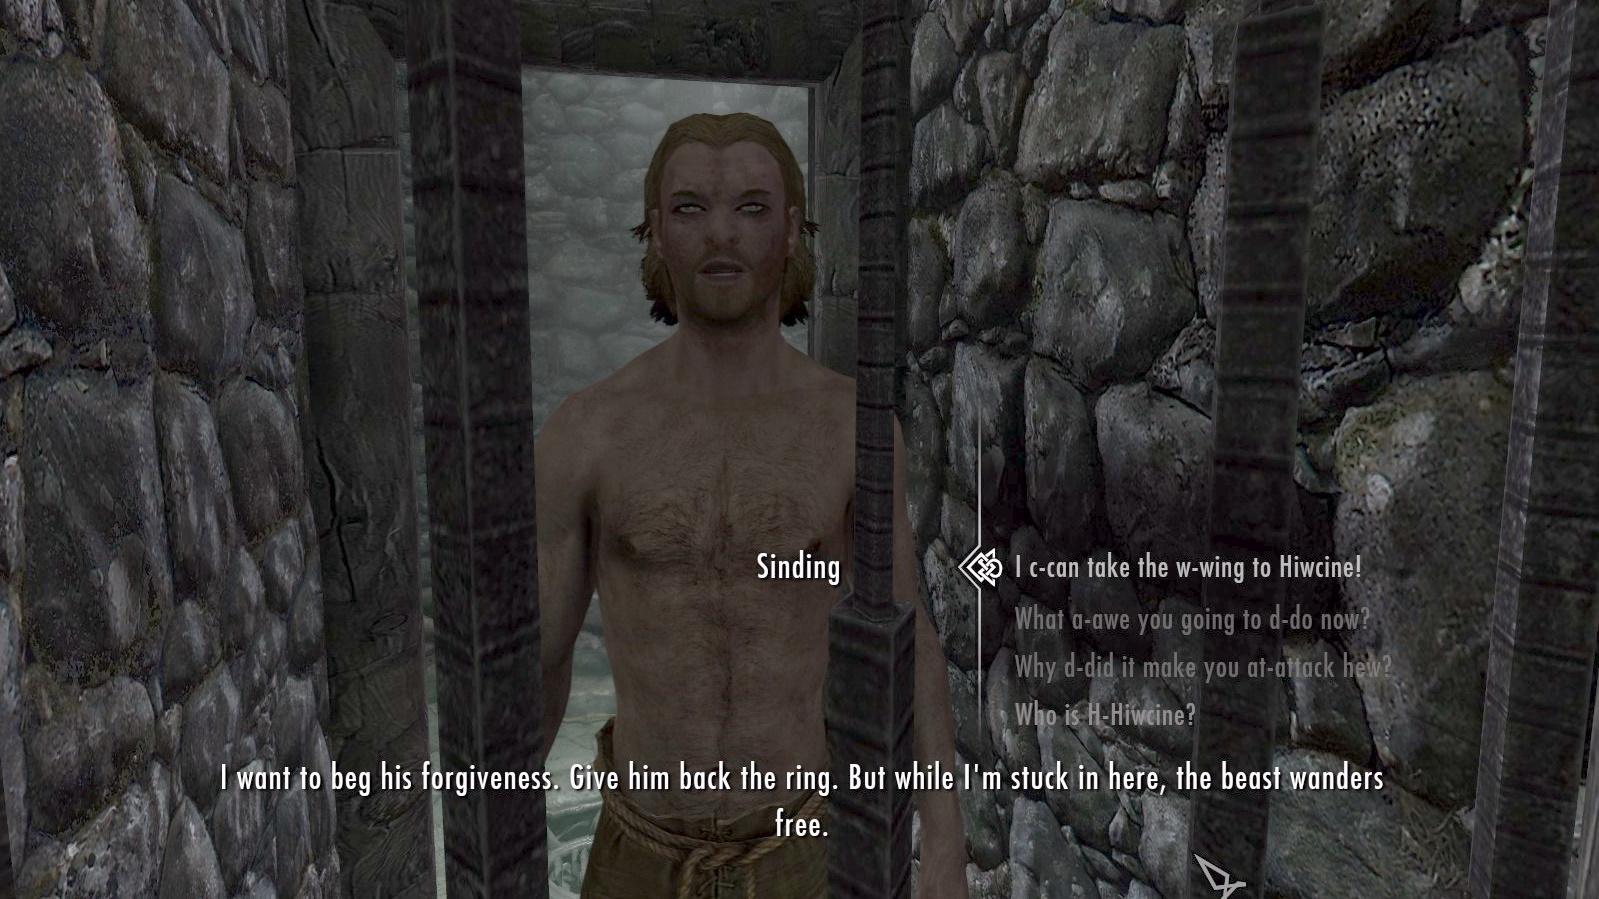 """Una imagen de Sinding, el prisionero en Falkreath que (pequeños spoilers) mató a un niño debido a una maldición que involucraba a Hircine.  Él dice: """"Quiero pedirle perdón.  Devuélvele el anillo.  Pero mientras estoy atrapado aquí, la bestia vaga libremente."""" Las posibles respuestas de los jugadores dicen: """"¡Puedo llevar el W-wing a Hiwcine!"""", """"¿Qué asombro vas a hacer ahora?"""", """"¿Por qué te hizo atacar?""""o """"¿Quién es H-Hiwcine?"""""""